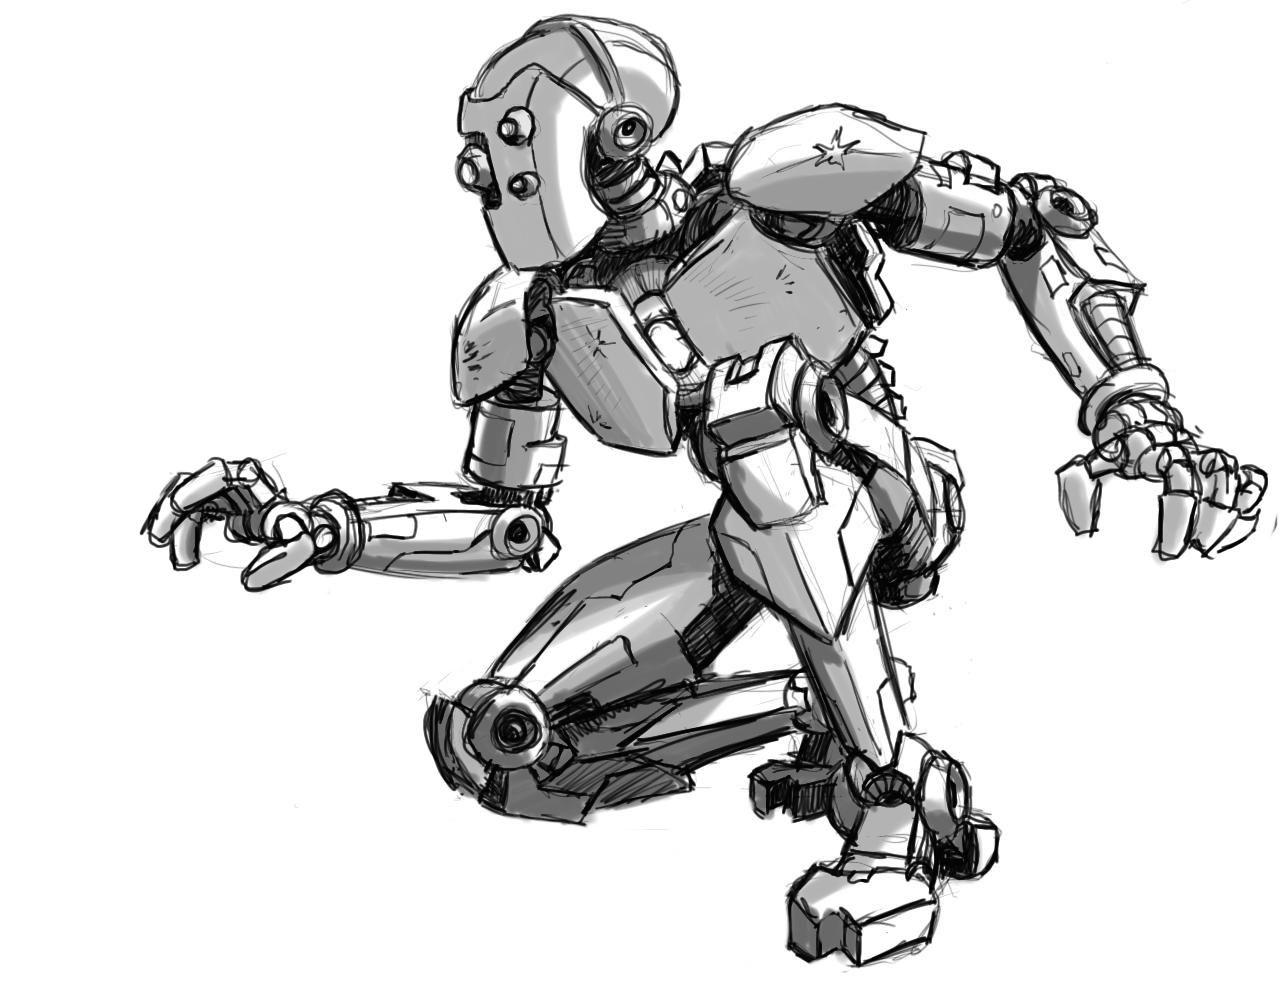 concept robots | Drawings - 9 Screenshots | robots ...